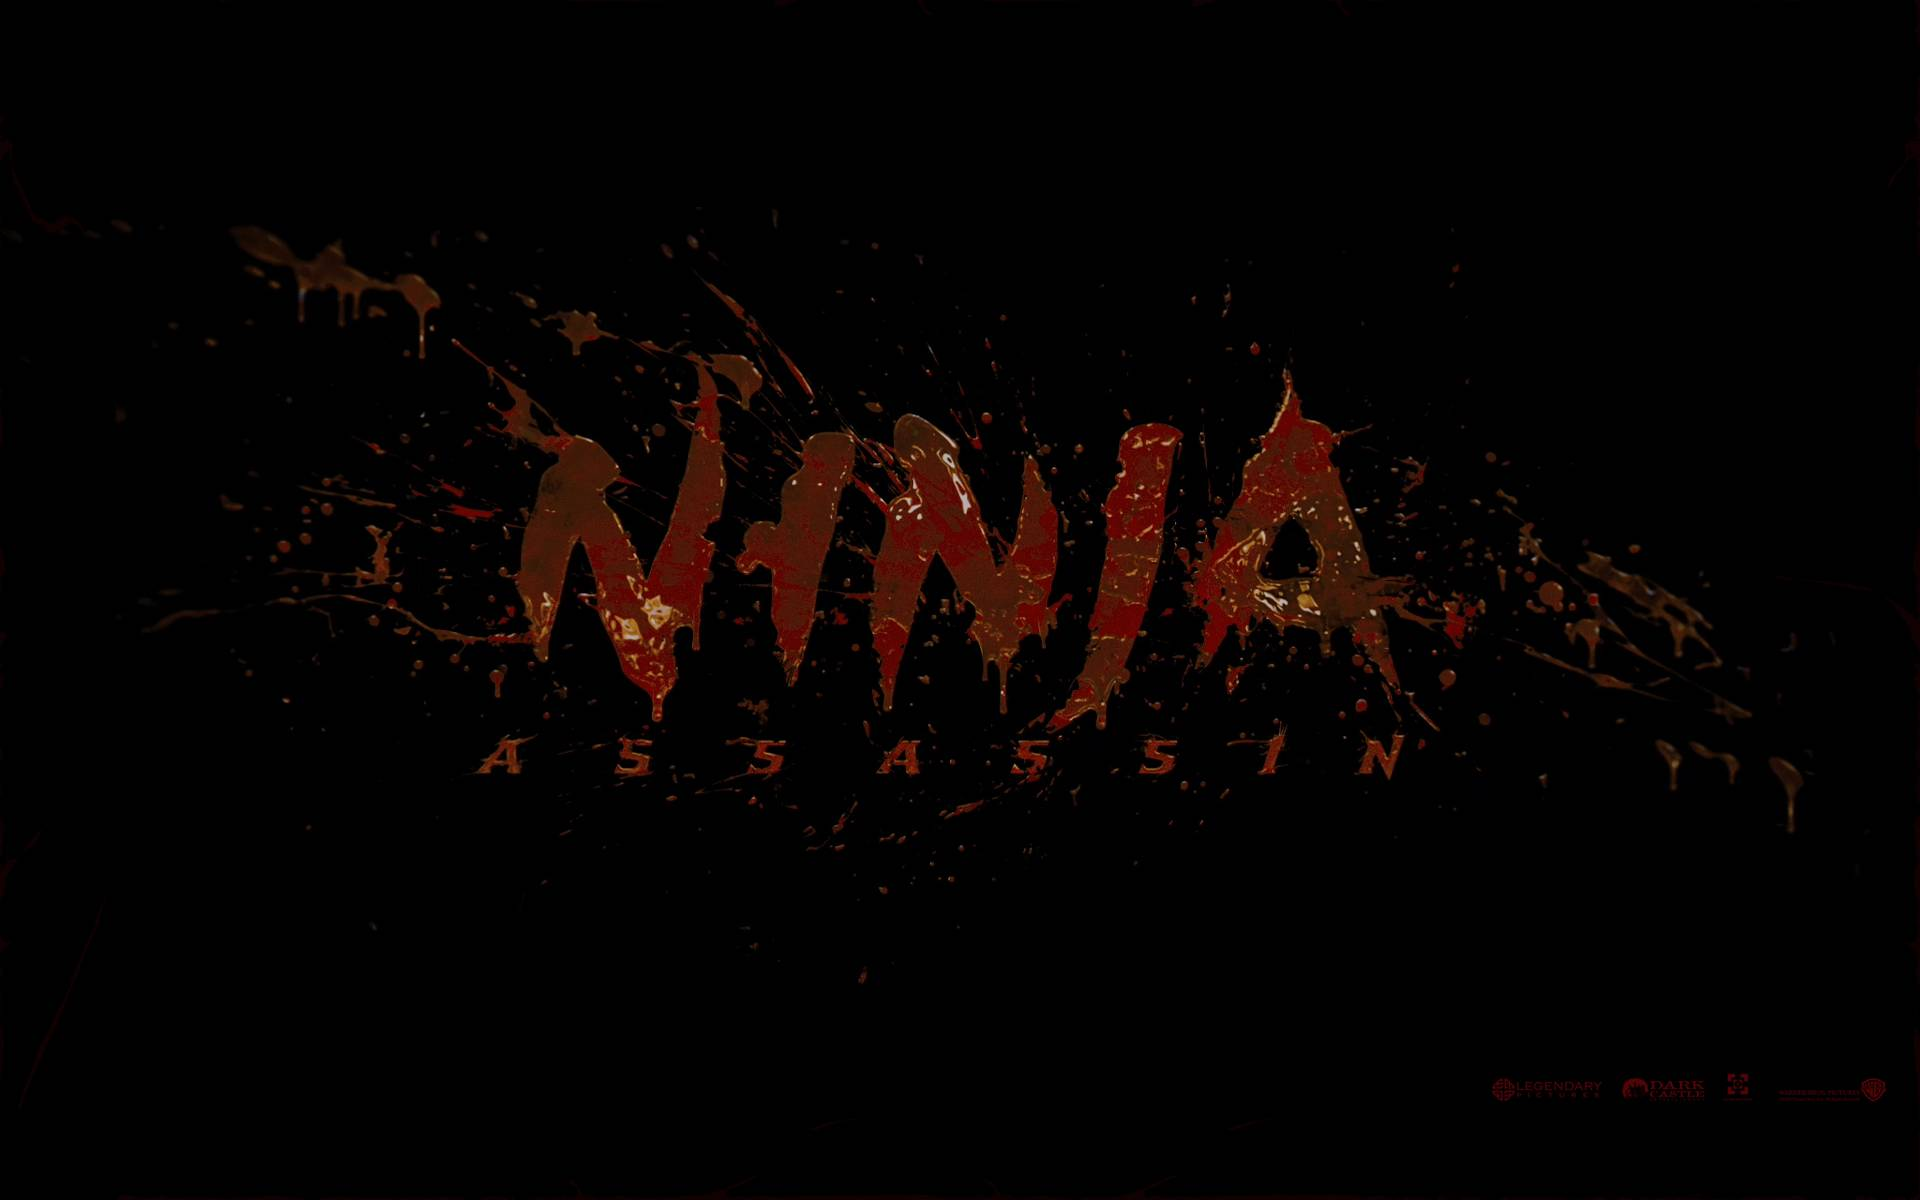 Ninja assassin full movie download hd.